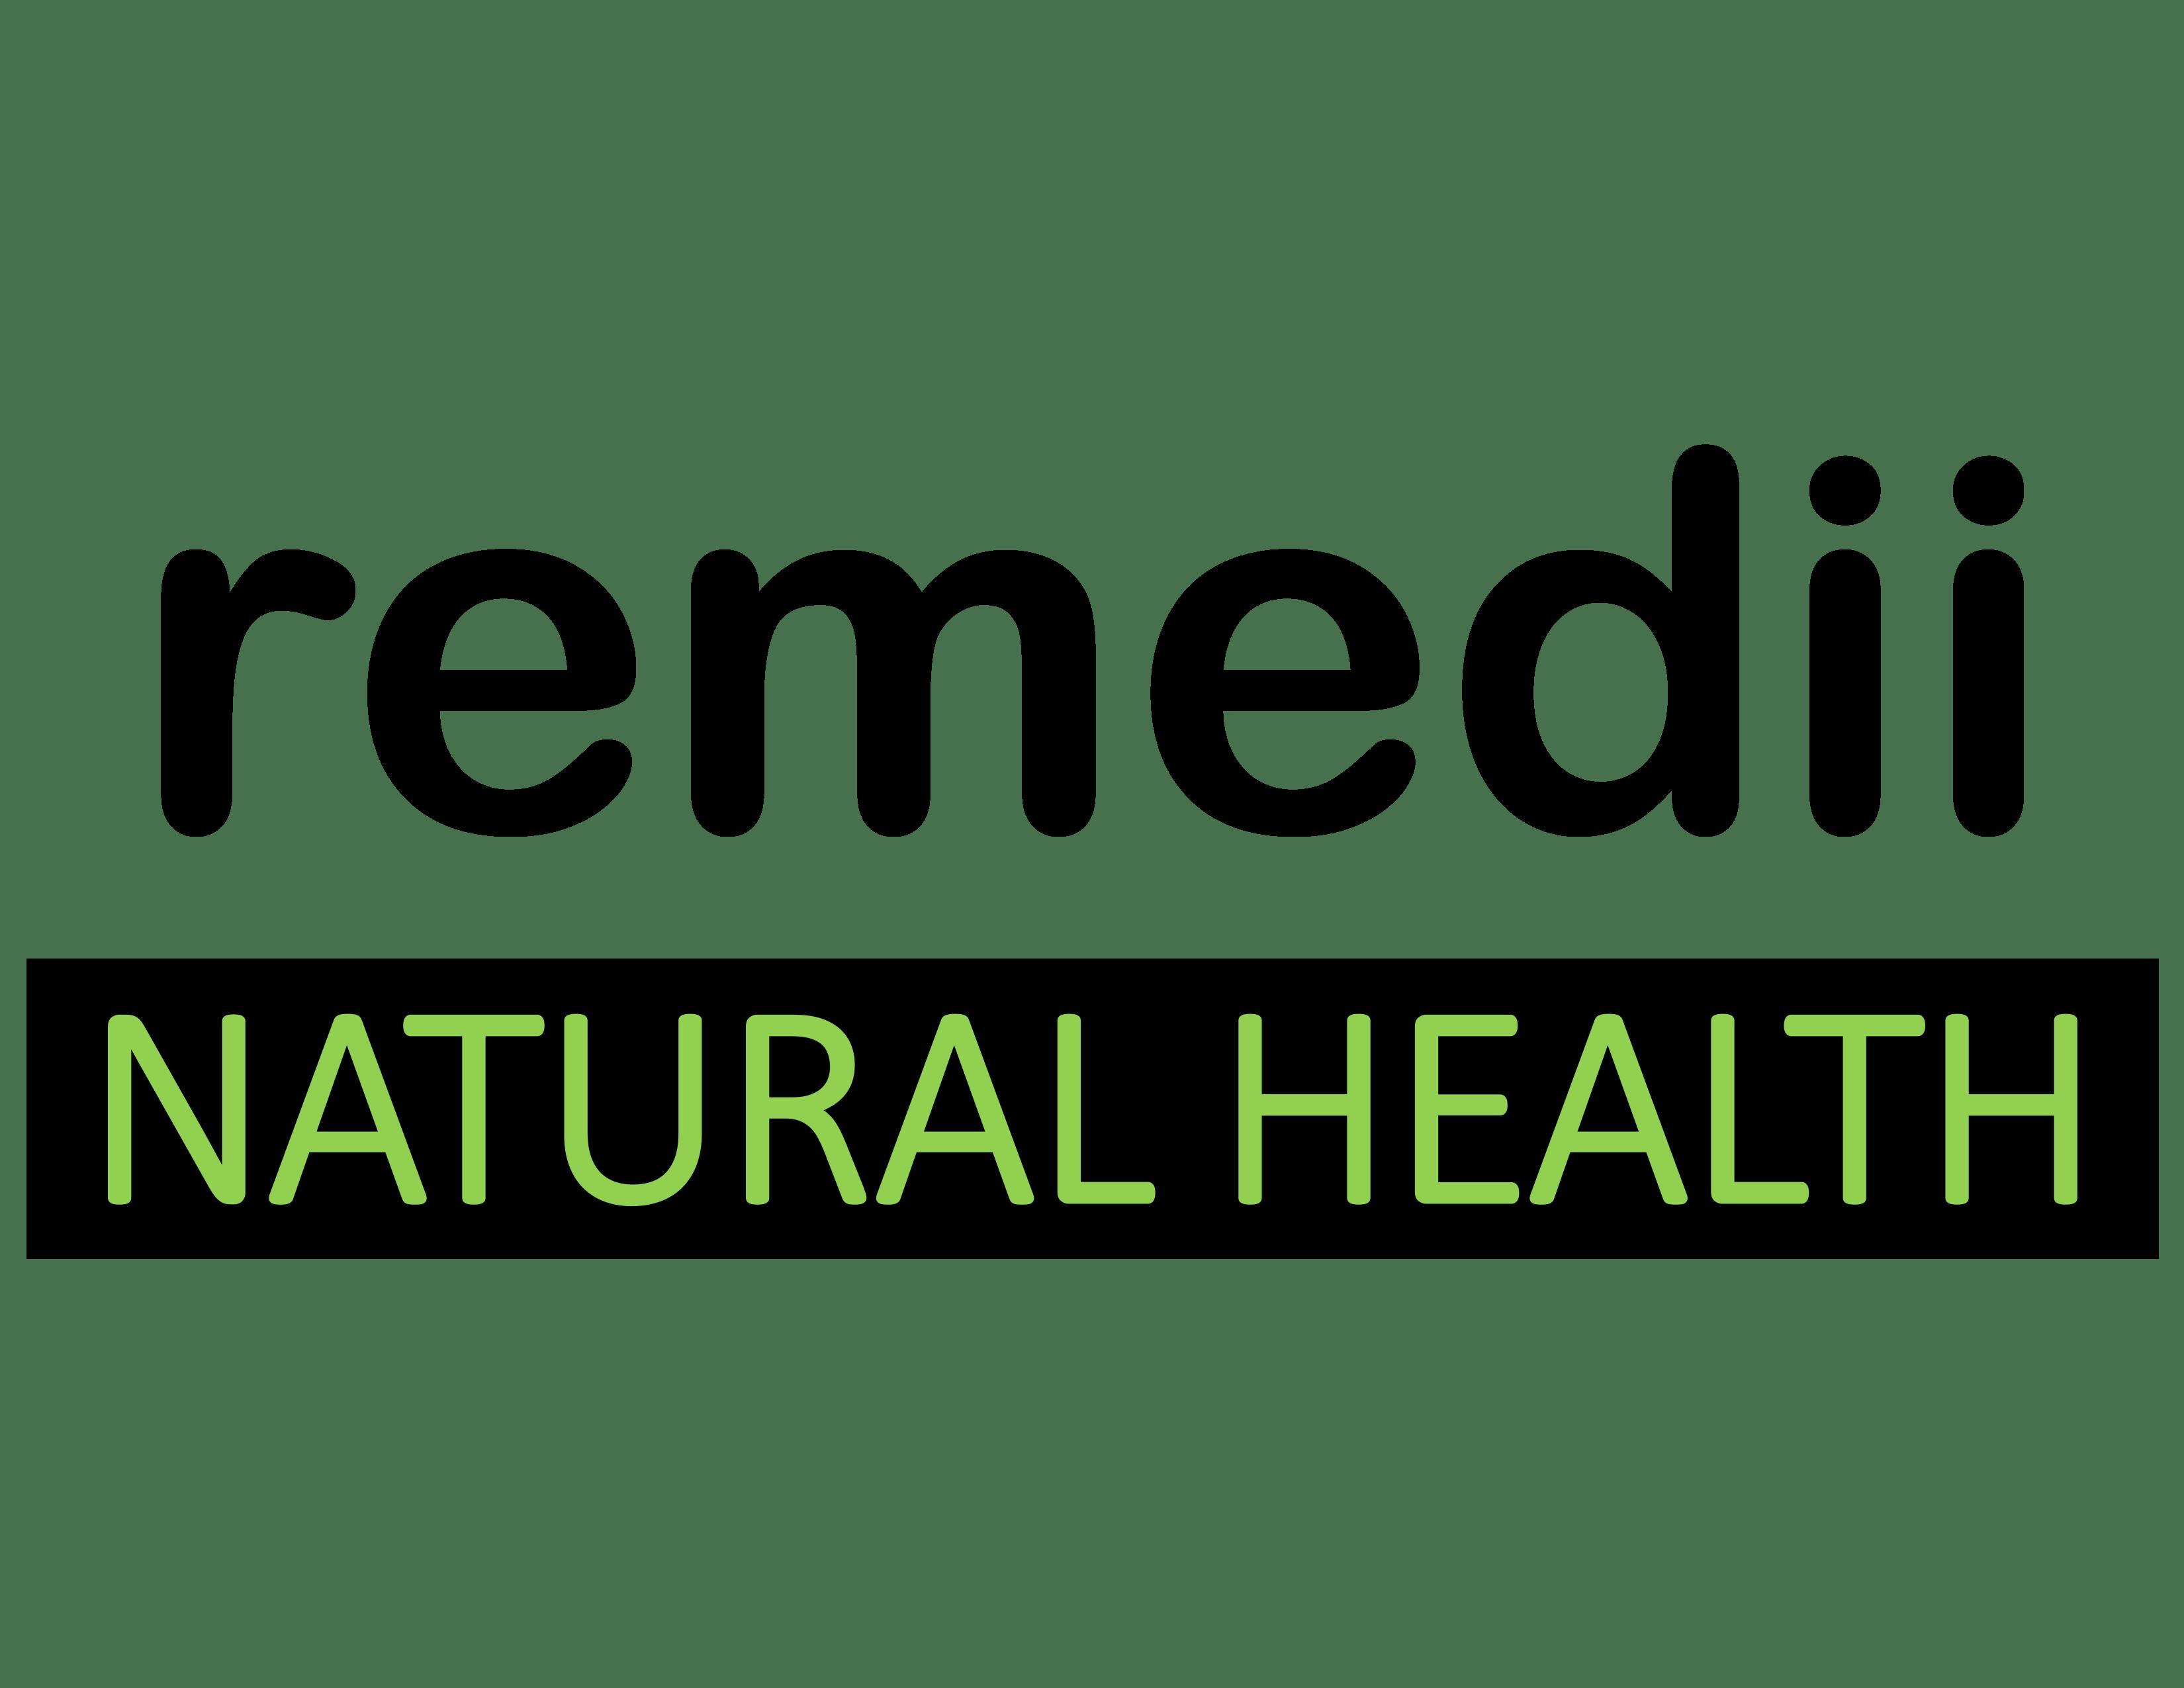 Remedii - Battle Creek   Store